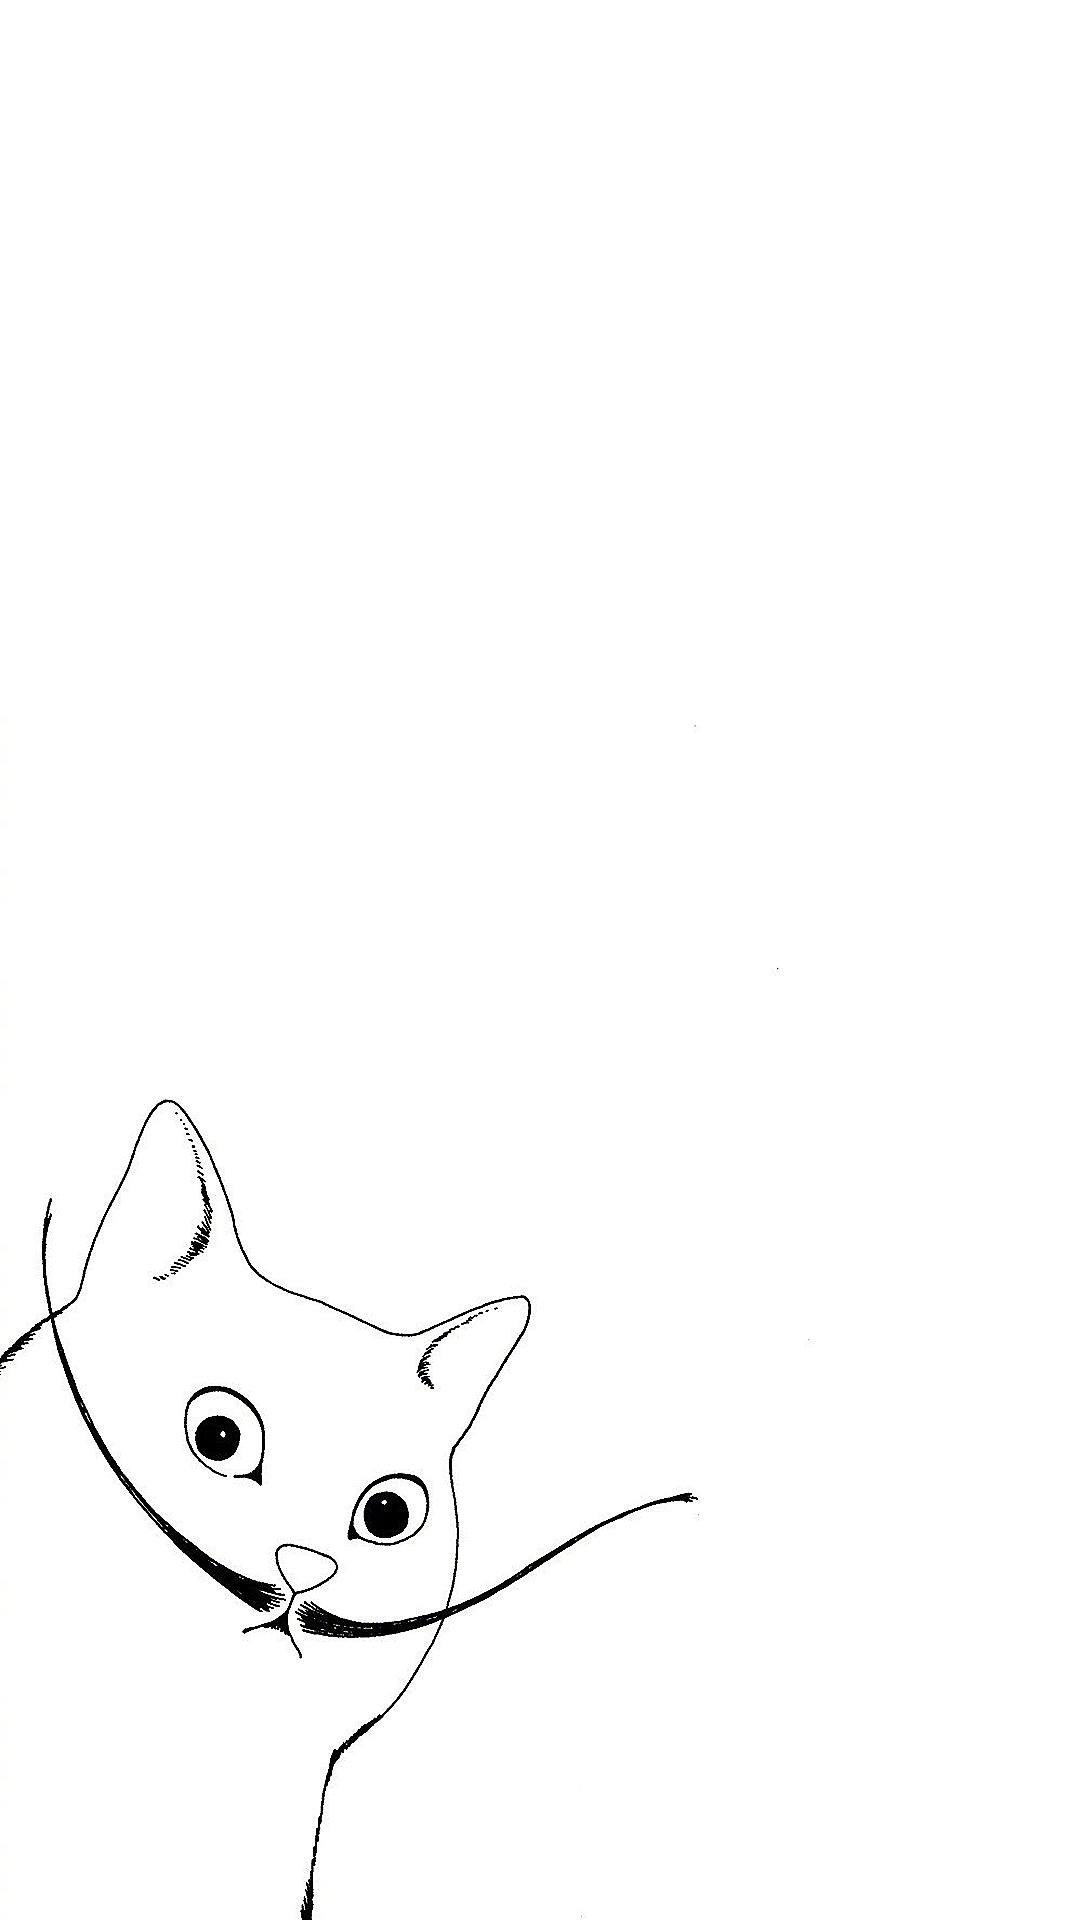 猫咪 黑白 简笔画 插画 简约 苹果手机高清壁纸 1080x1920 爱思助手